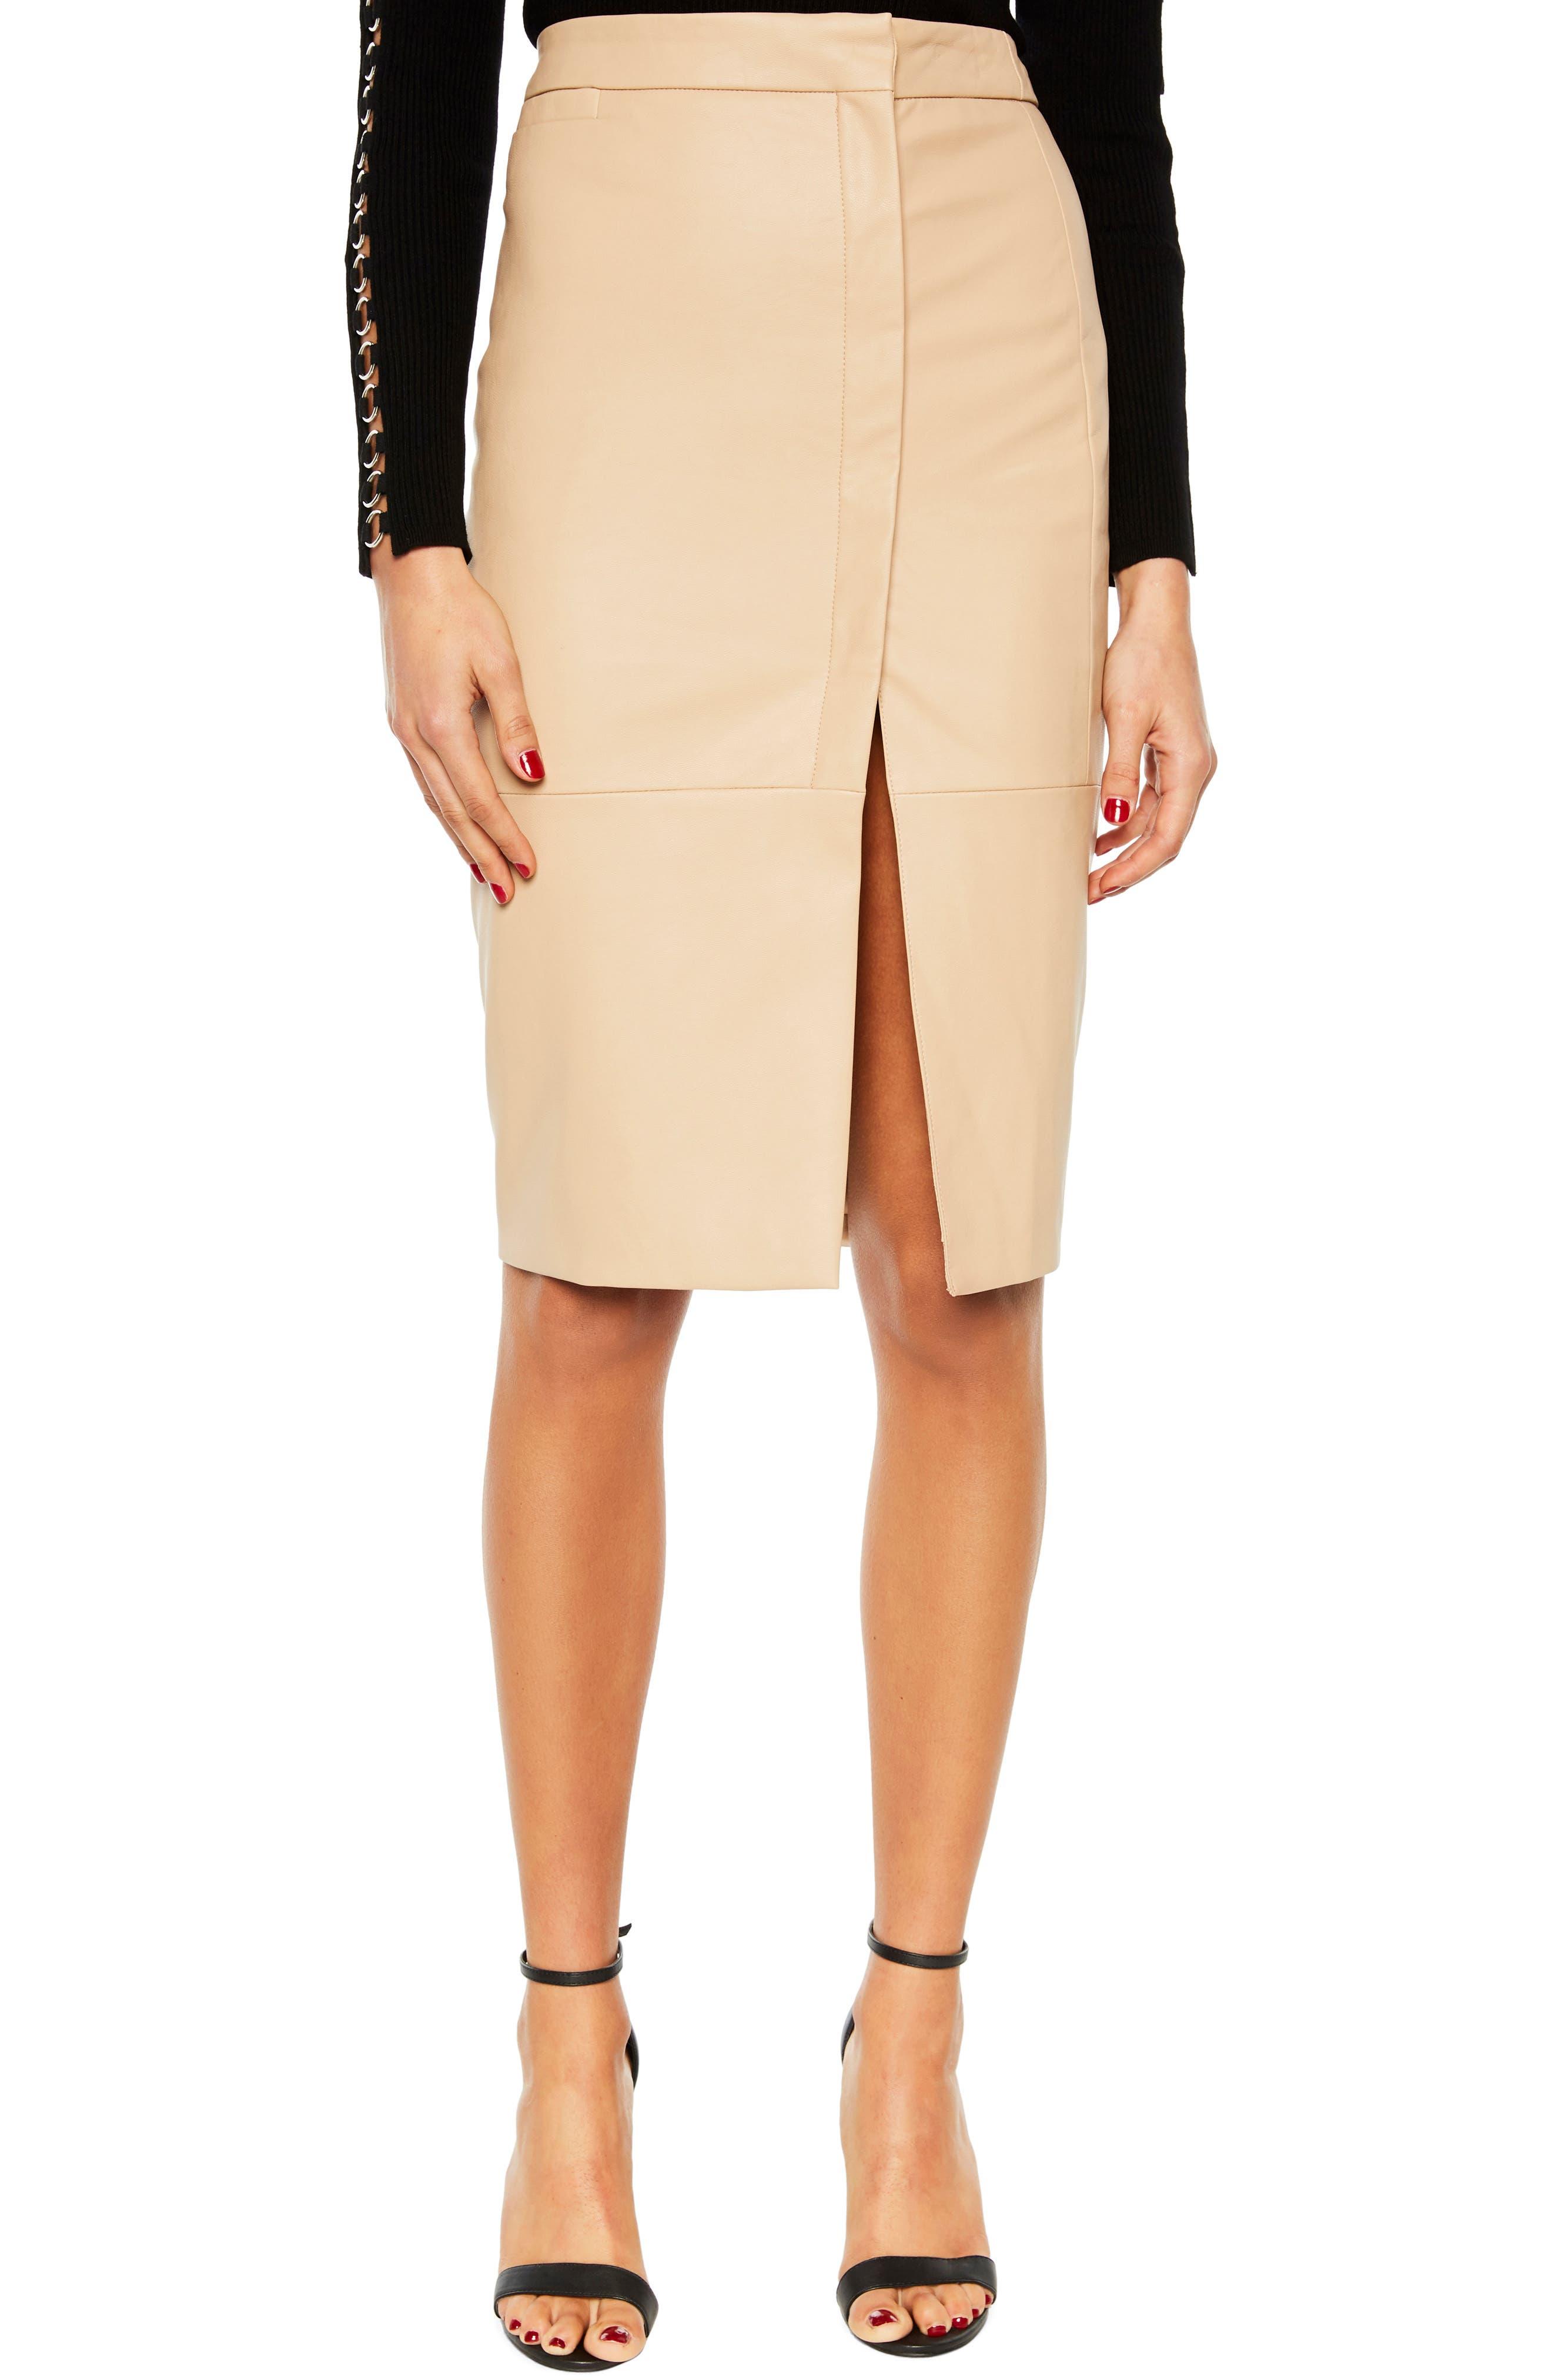 Bardot Dee Faux Leather Pencil Skirt, Beige